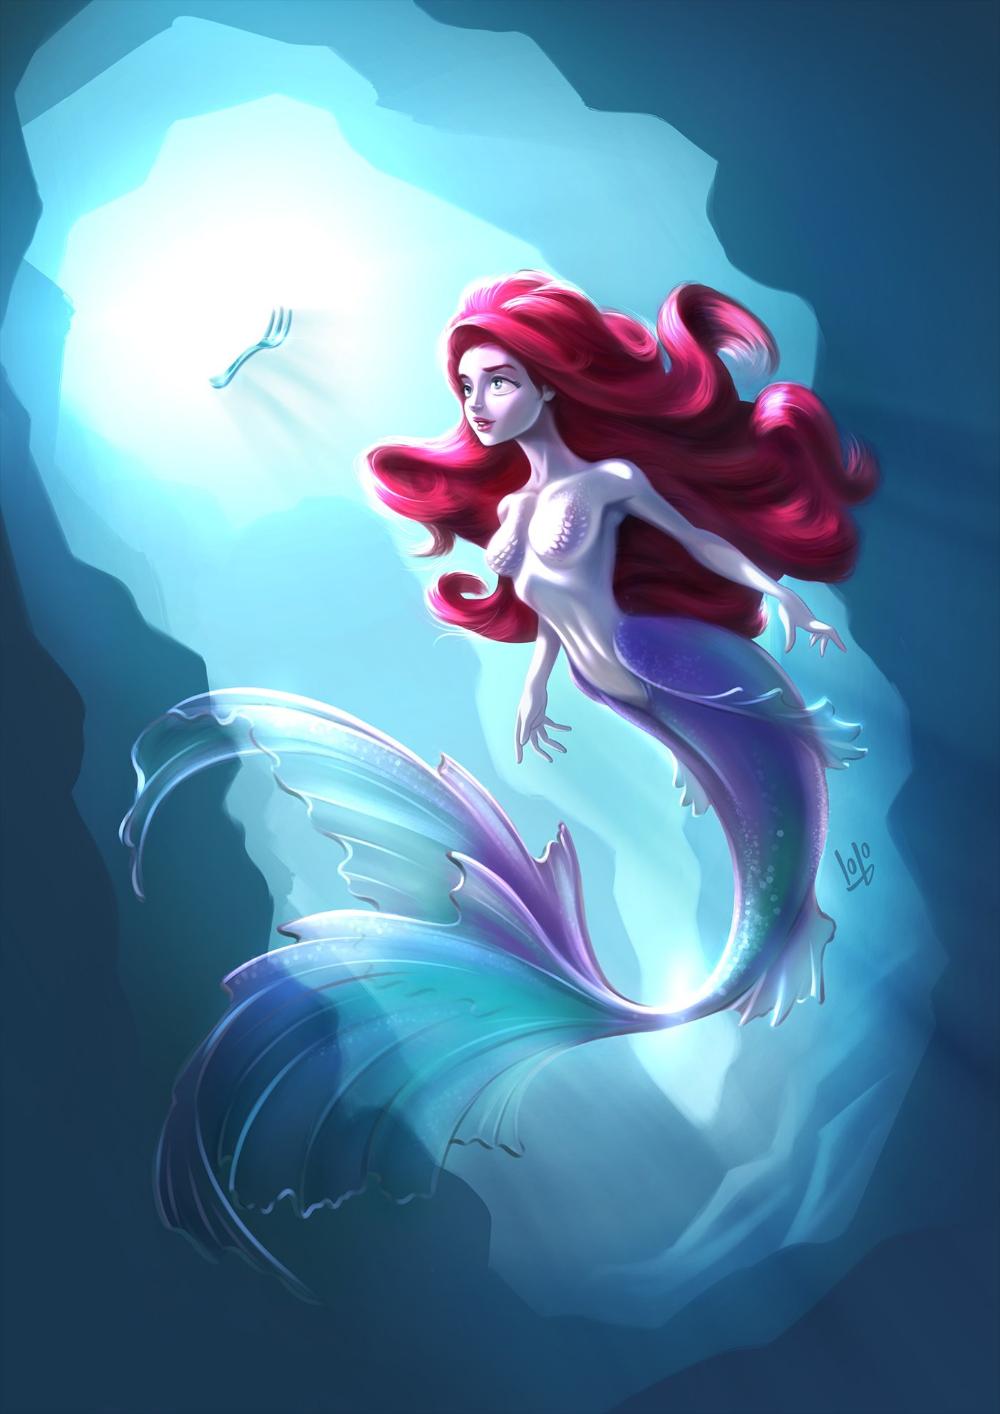 Mermay 2018 (With images) Mermaid drawings, Mermaid art